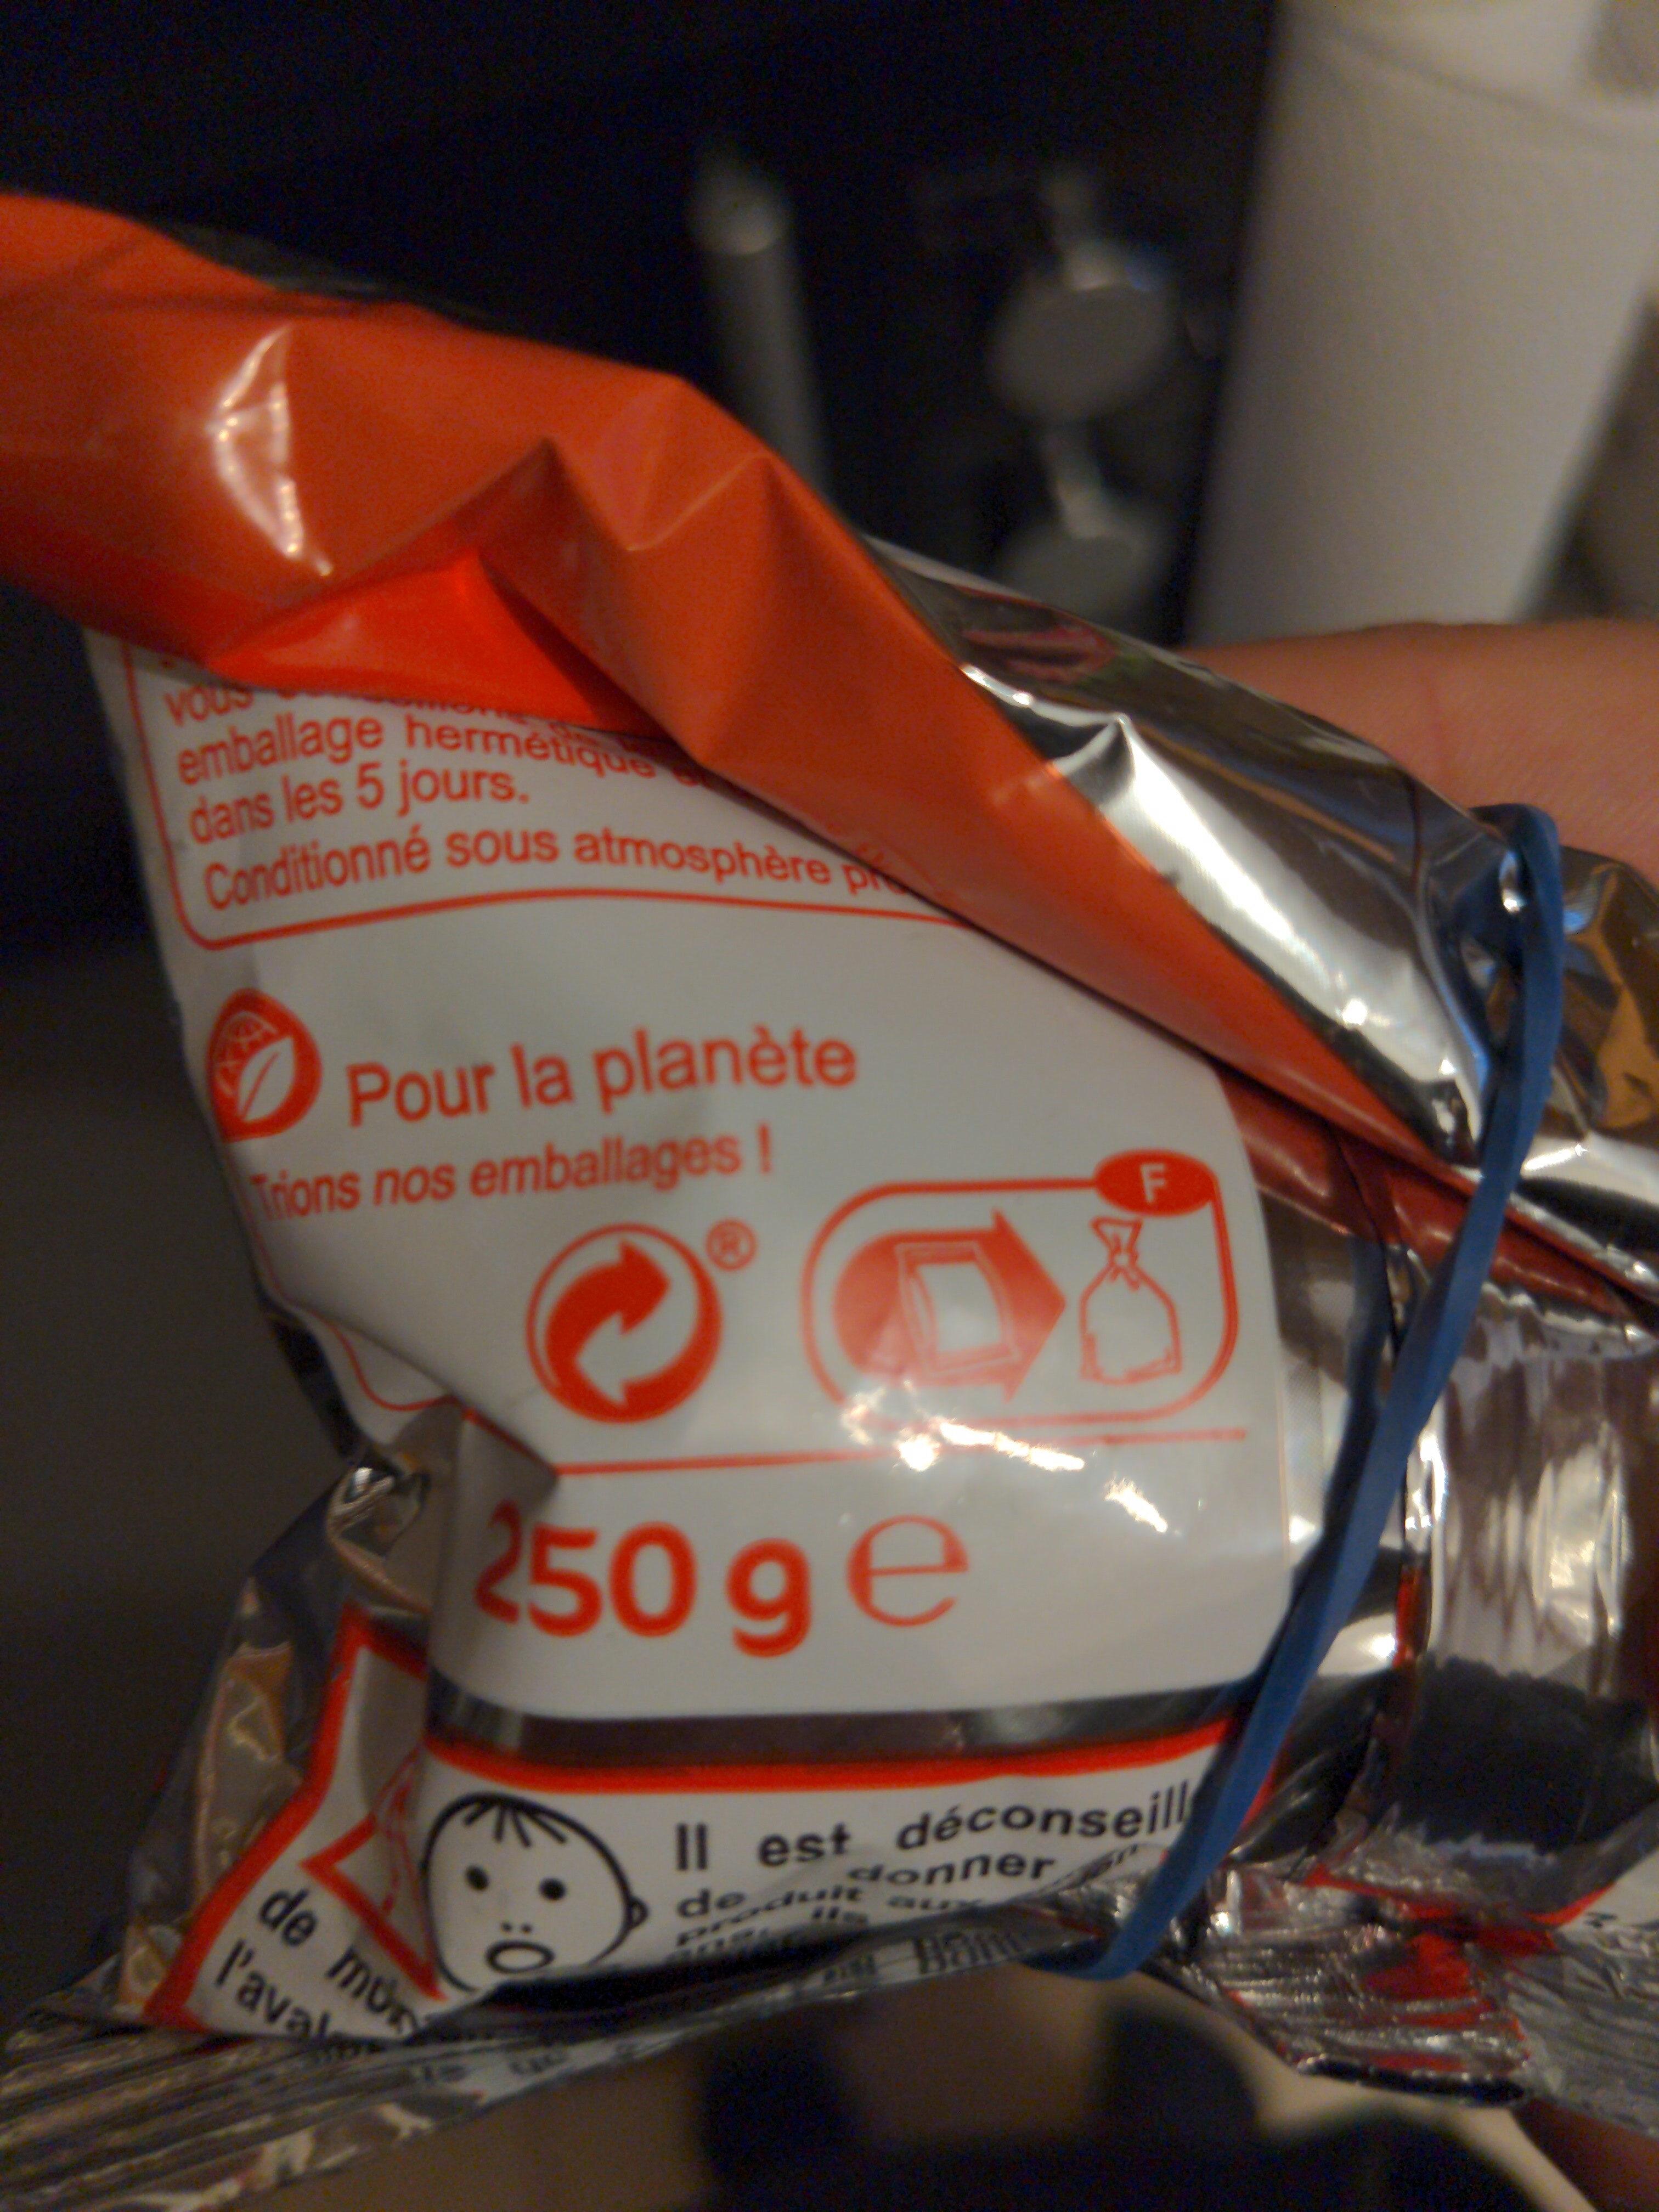 Cacahuètes Grillées Salées - Instruction de recyclage et/ou informations d'emballage - fr